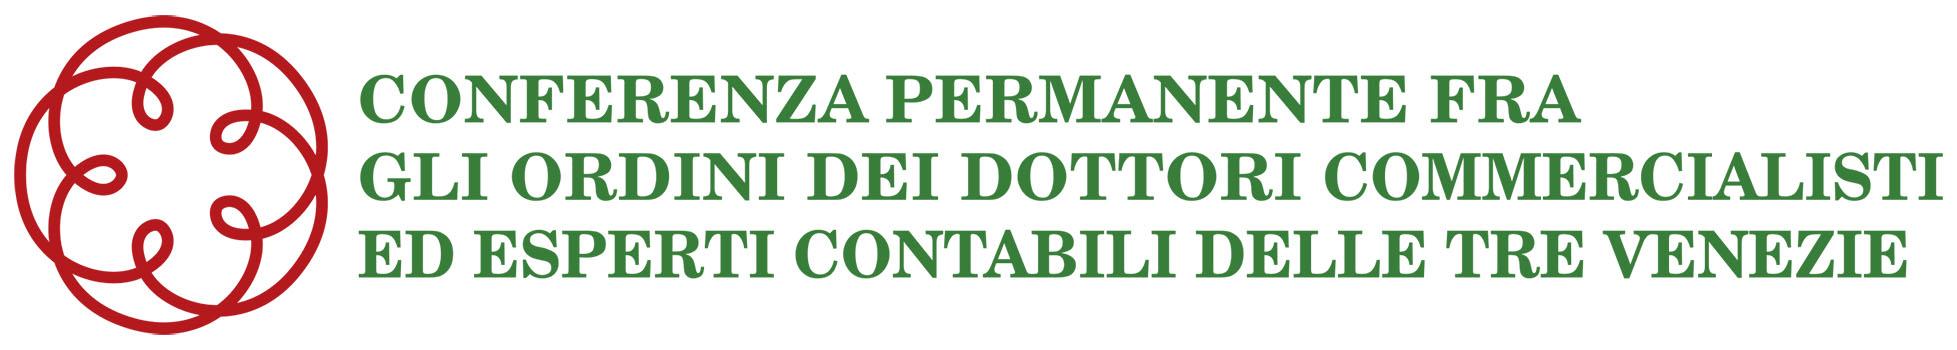 Conferenza permanente fra gli Ordini del Dottori Commercialisti e degli esperti Contabili delle Tre Venezie